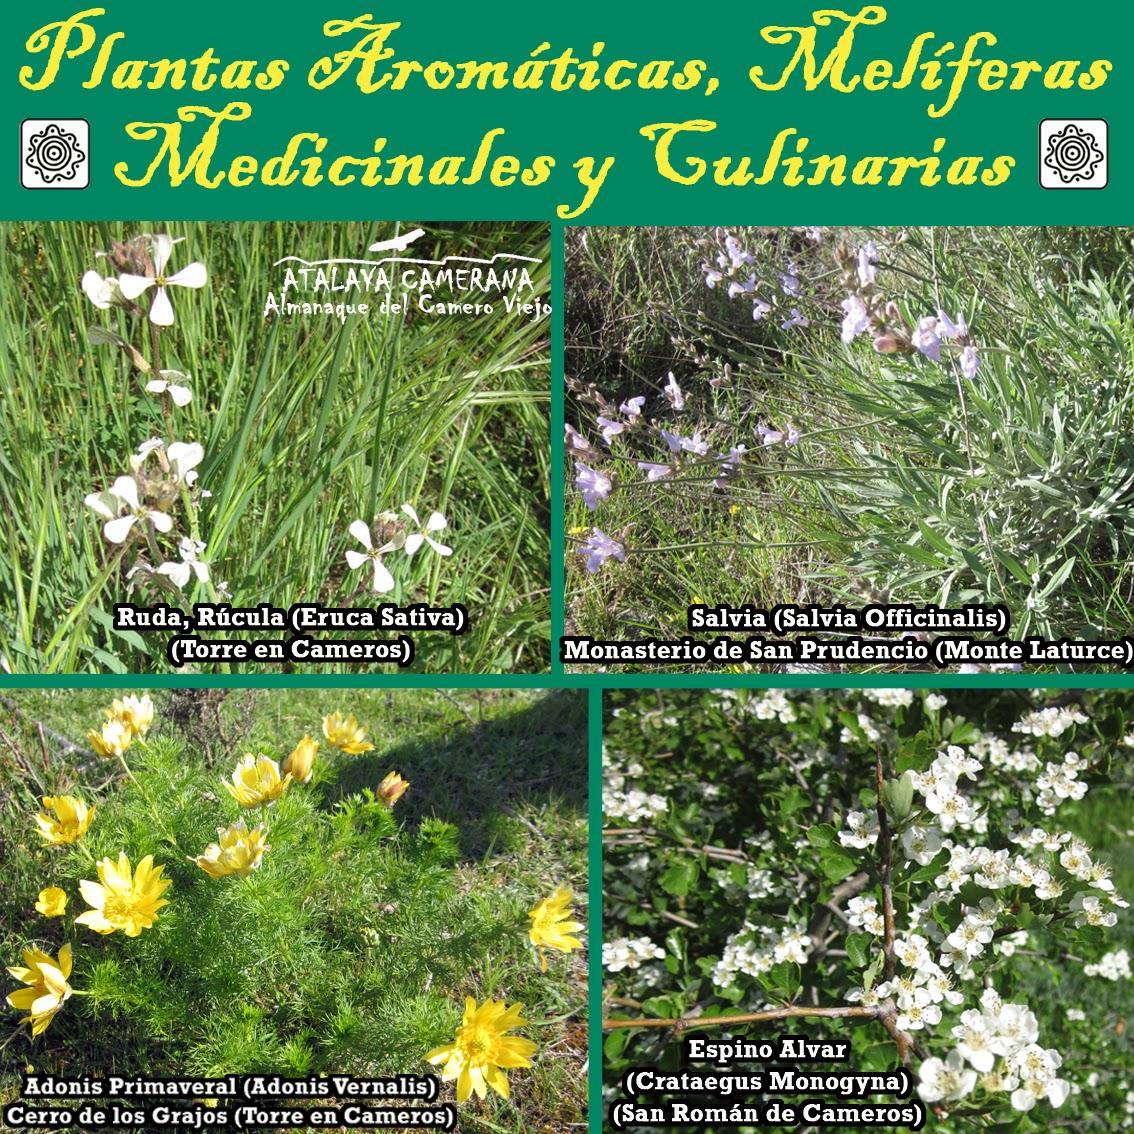 Sierra del Camero Viejo: Plantas Aromáticas, Melíferas, Medicinales y Culinarias